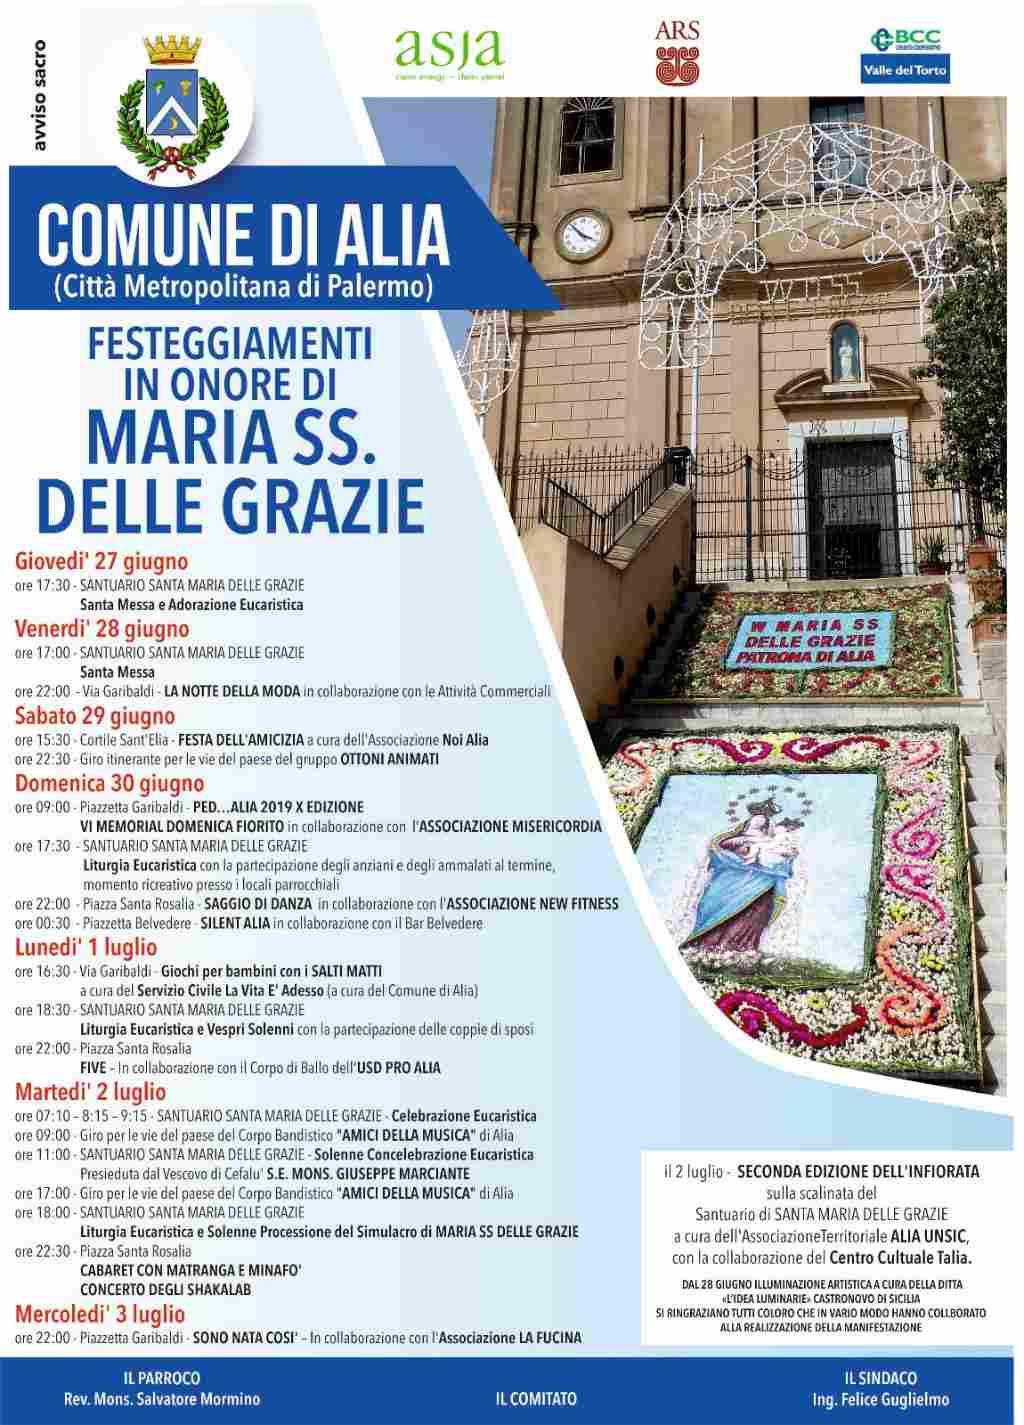 FESTEGGIAMENTI IN ONORE DI MARIA SS. DELLE GRAZIE PATRONA DI ALIA.